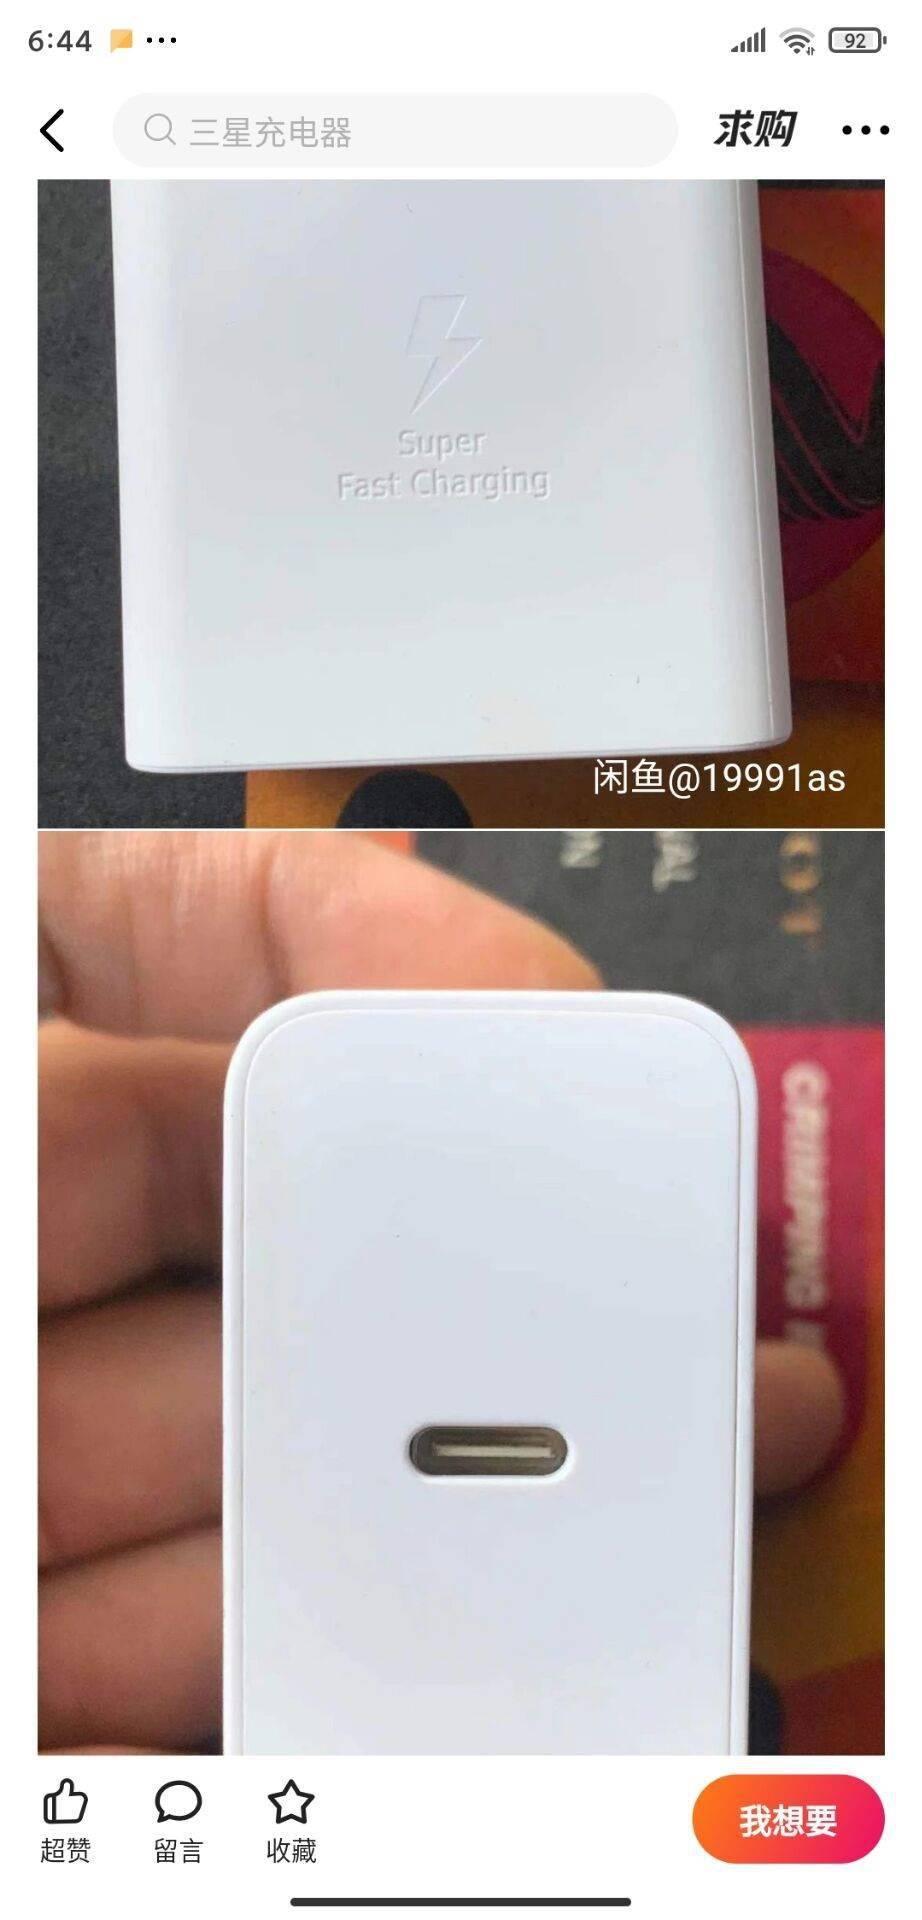 三星 65W 快充充电器曝光,有望用于 S21 系列手机